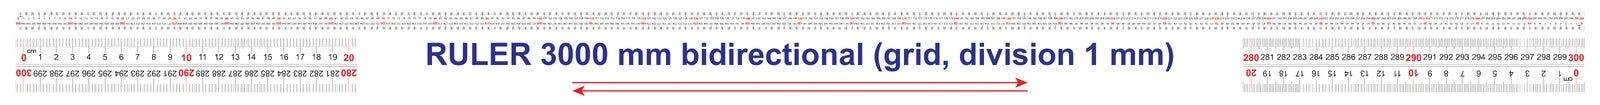 Le double bidirectionnel de r?gle a d?grossi 3000 millim?tres, 300 centim?tres, 3 m?tres r